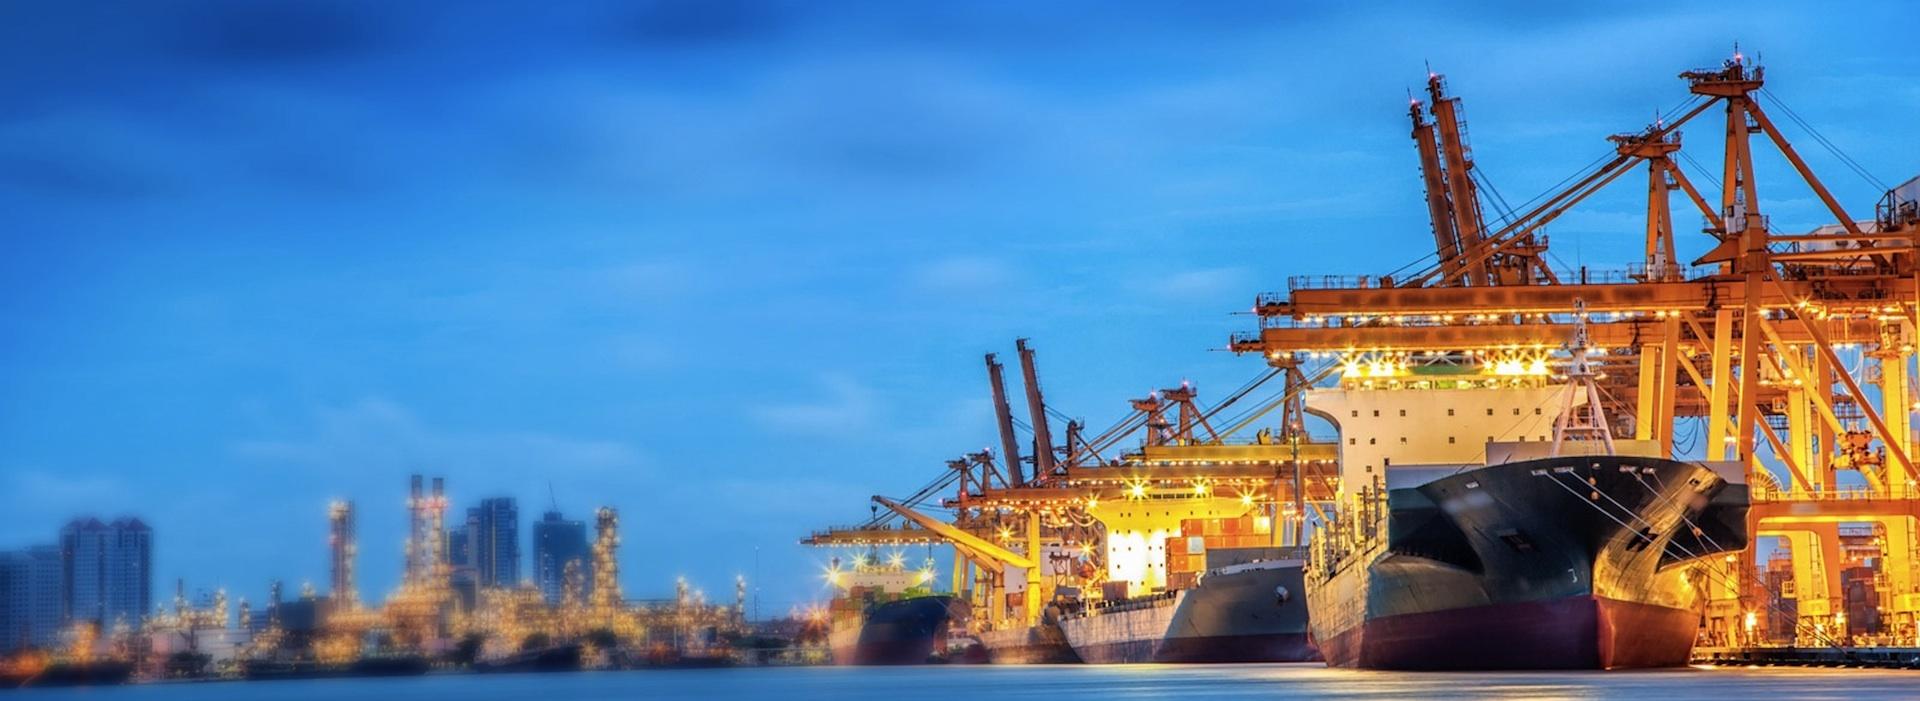 Порт Владивосток, Расписание судна Руский Восток